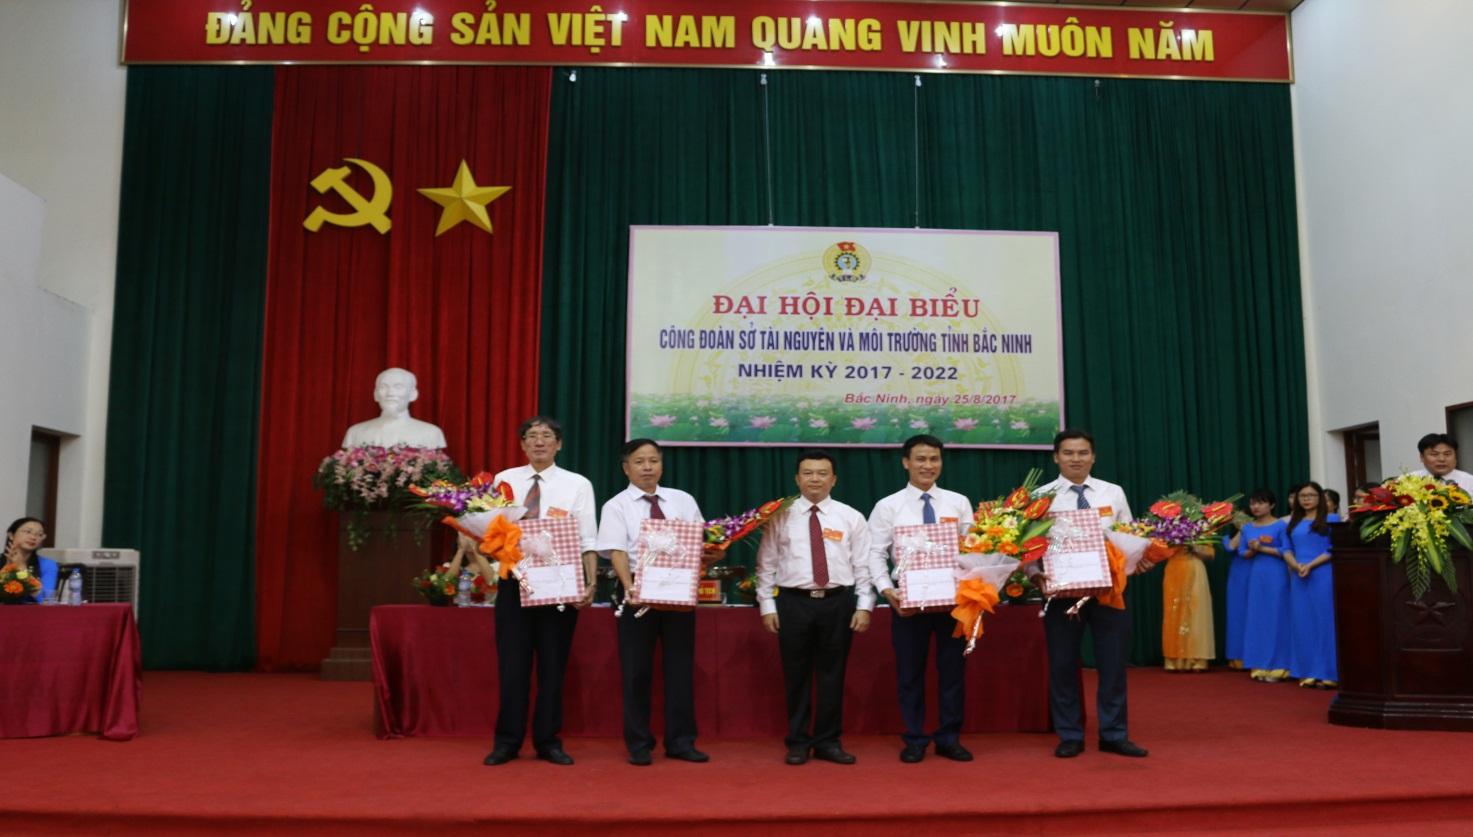 Đại hội Công đoàn Sở Tài nguyên và Môi trường lần thứ VIII, nhiệm kỳ 2017-2022